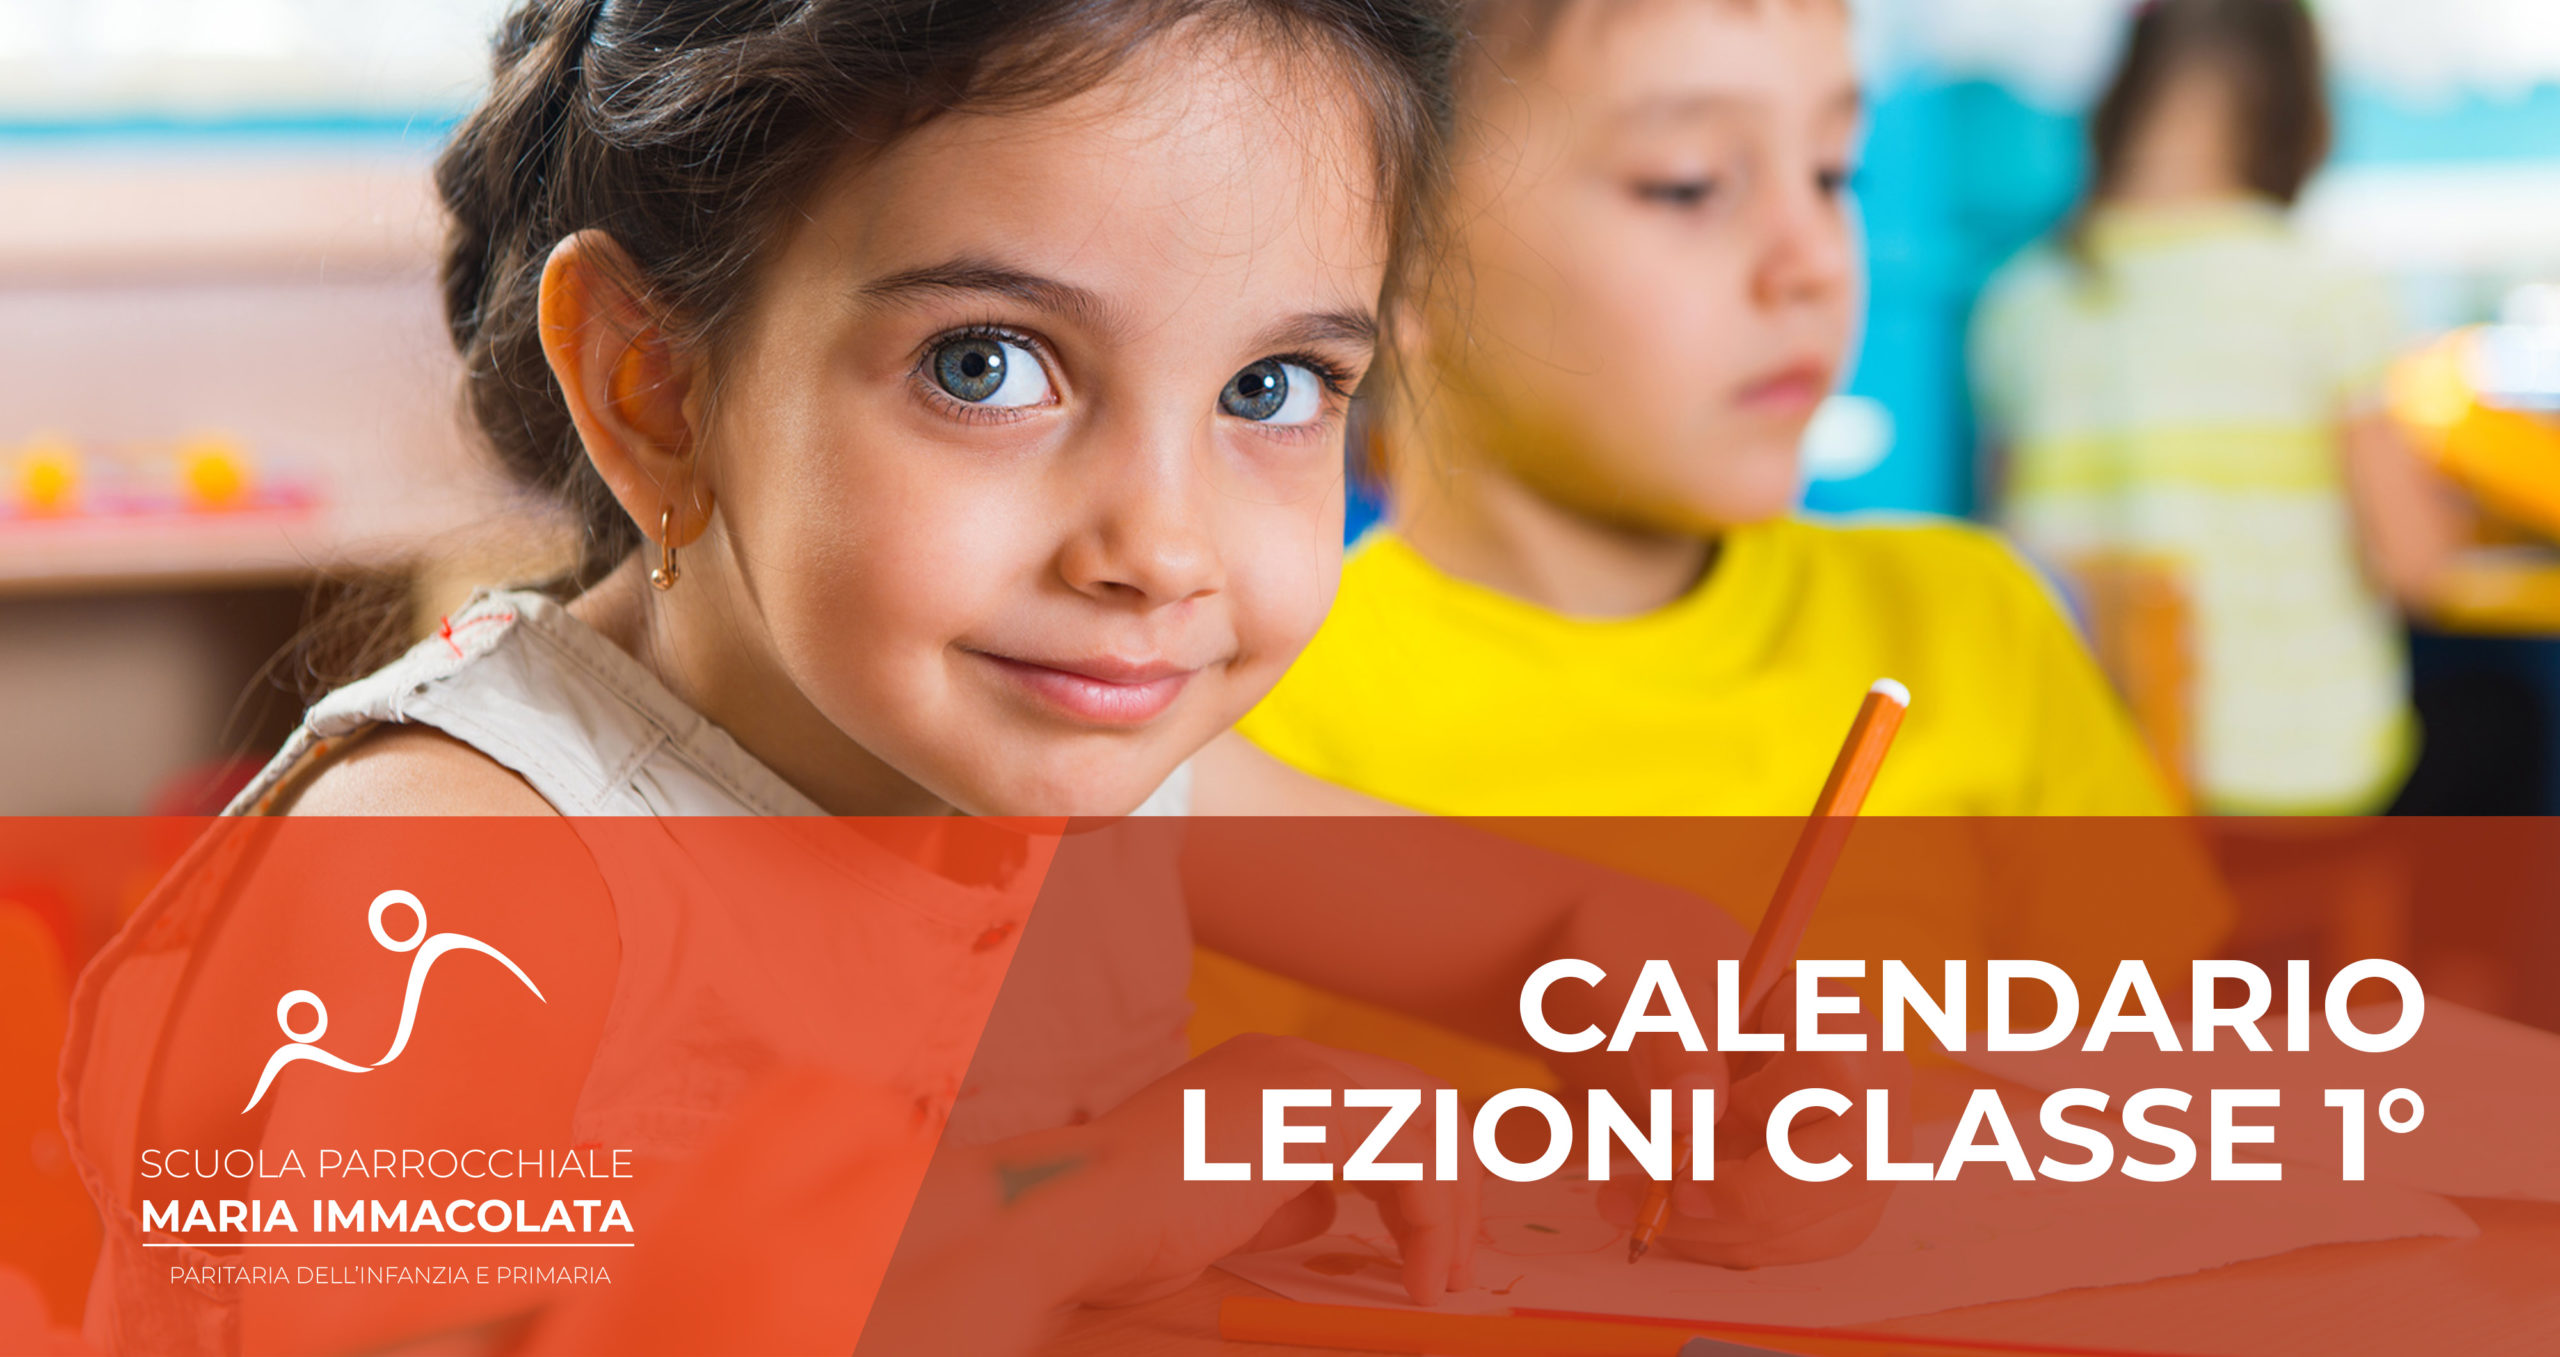 Calendario lezioni 2019-2020 Classe 1